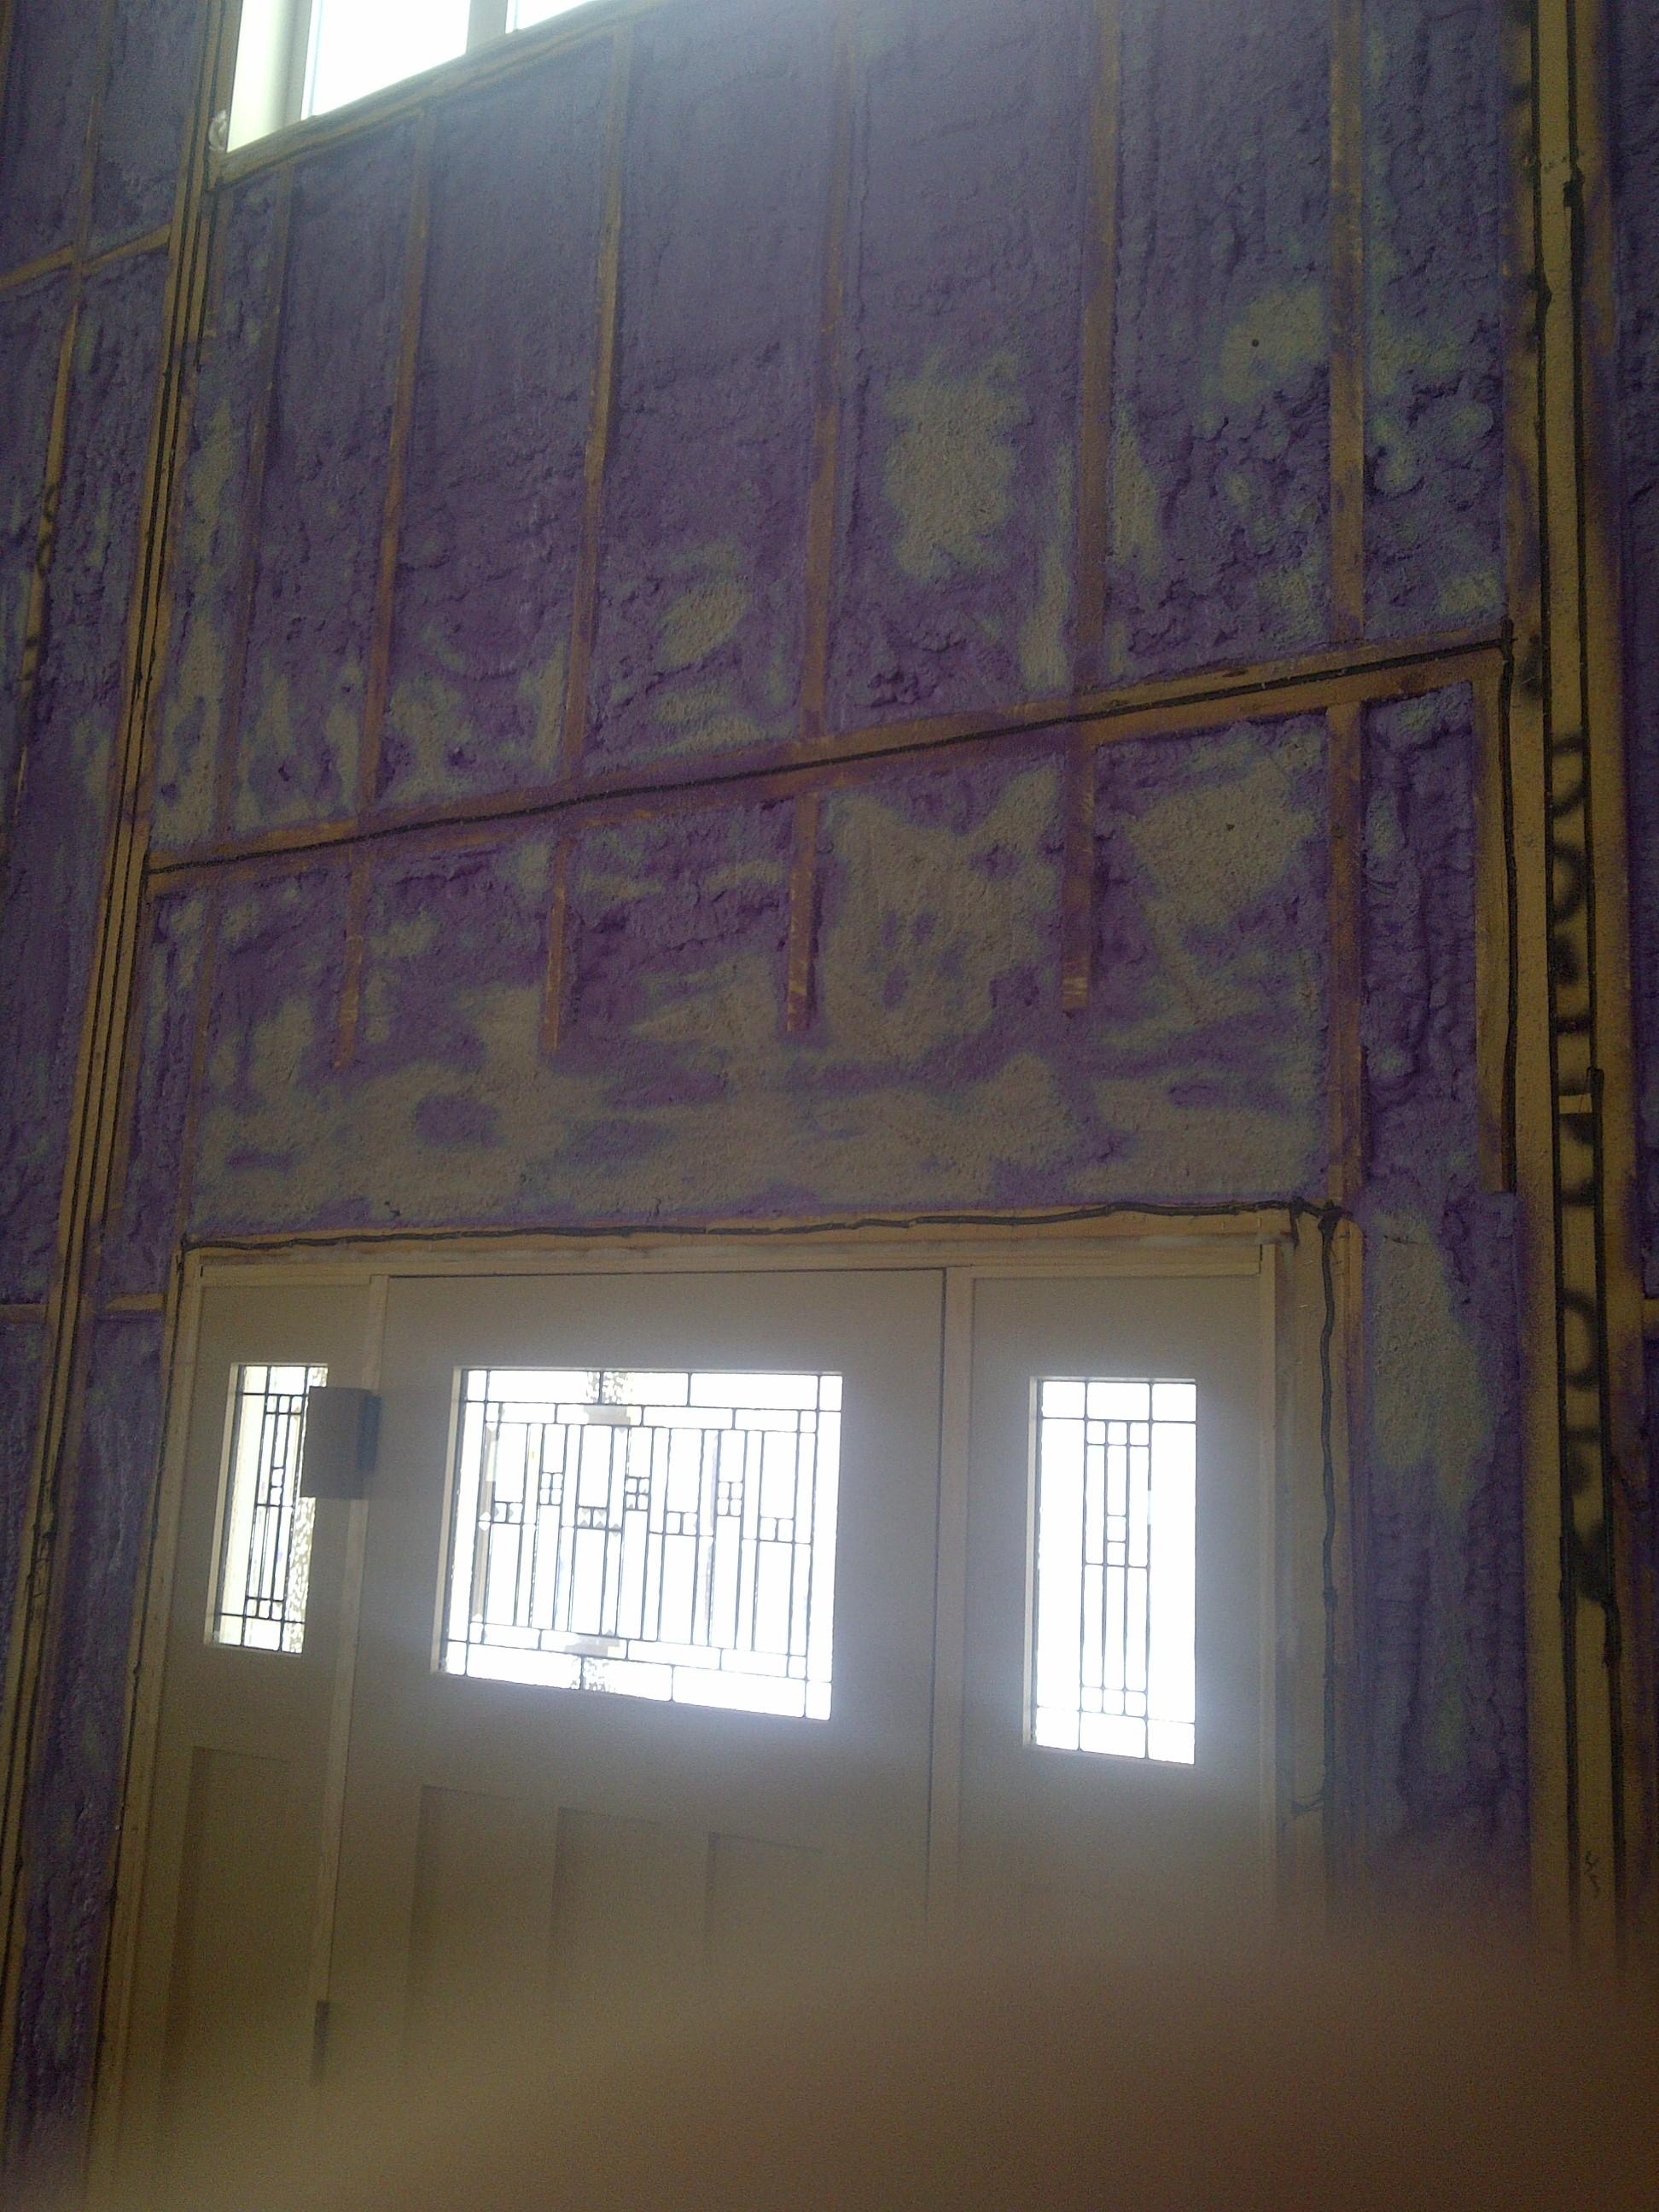 spray foam insulation installed around entry way